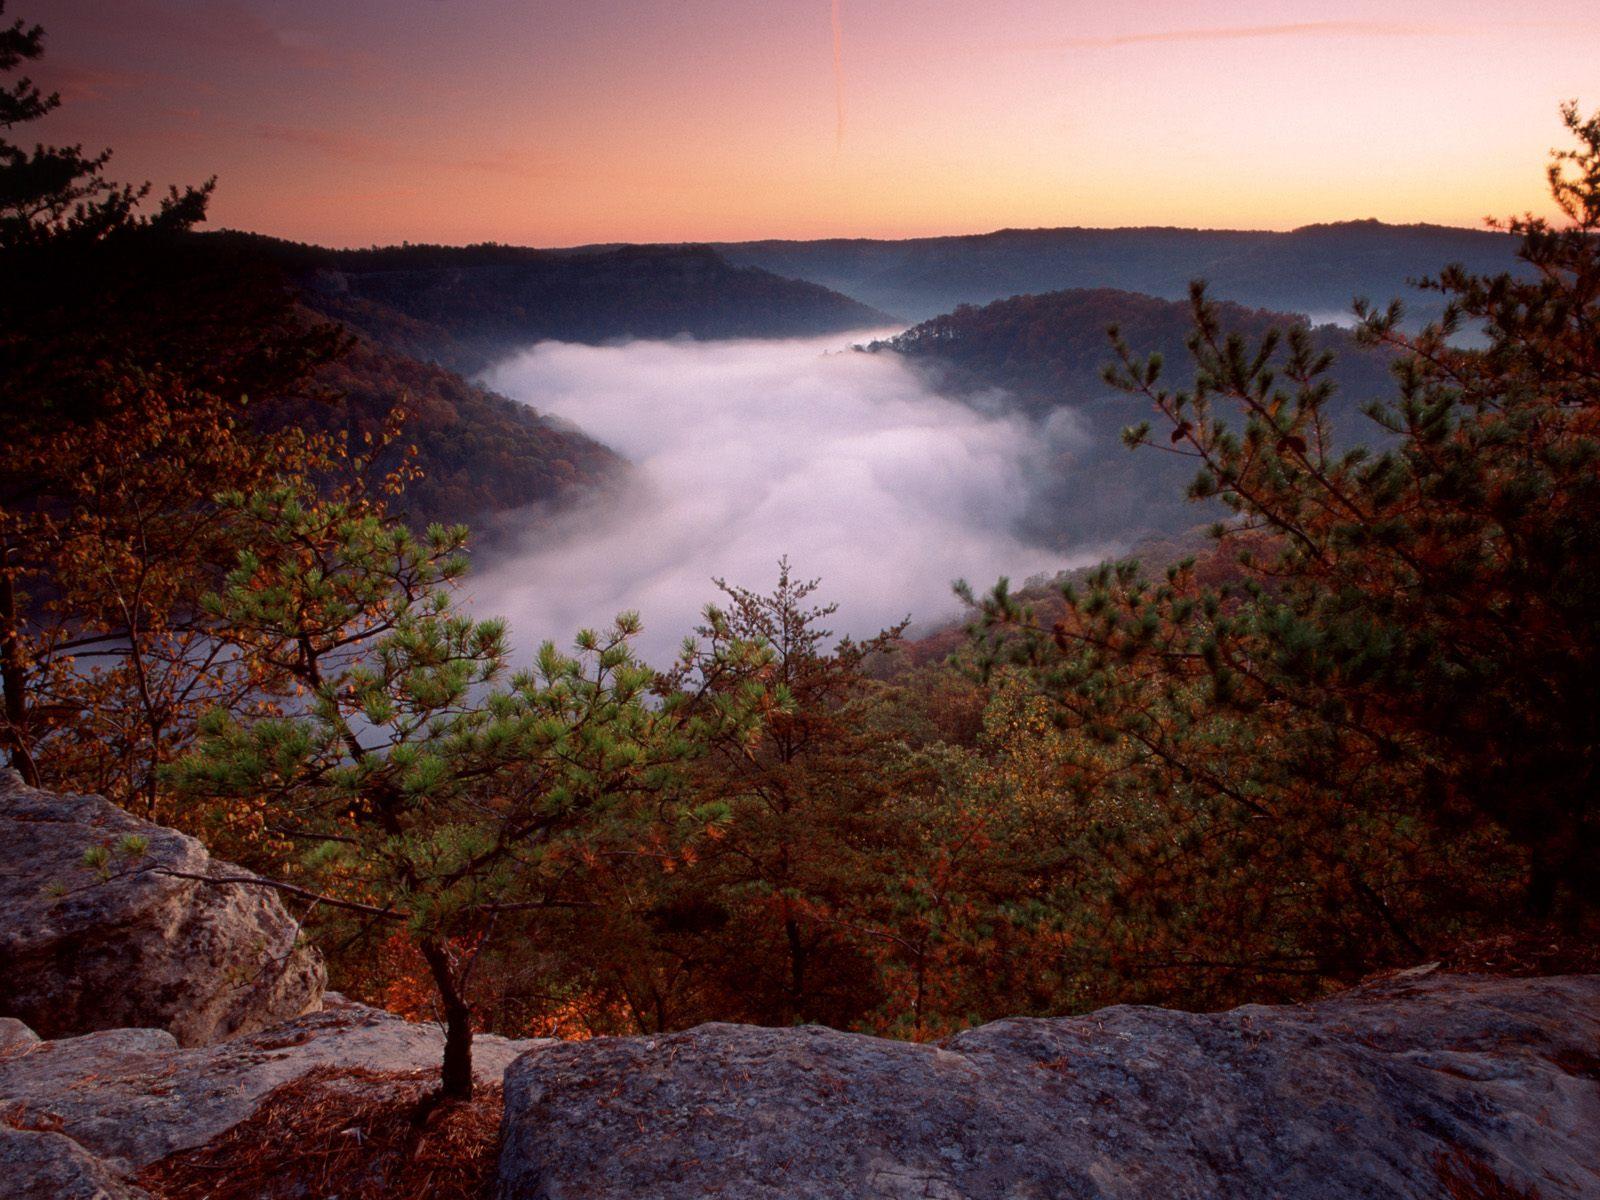 http://1.bp.blogspot.com/_8_CLn-I1Tfc/TUWx9848bOI/AAAAAAAABt0/o-UyFdQHpAM/s1600/Foggy+Morn%252C+Red+River+Gorge%252C+Daniel+Boone+National+Forest%252C+Kentucky.jpg